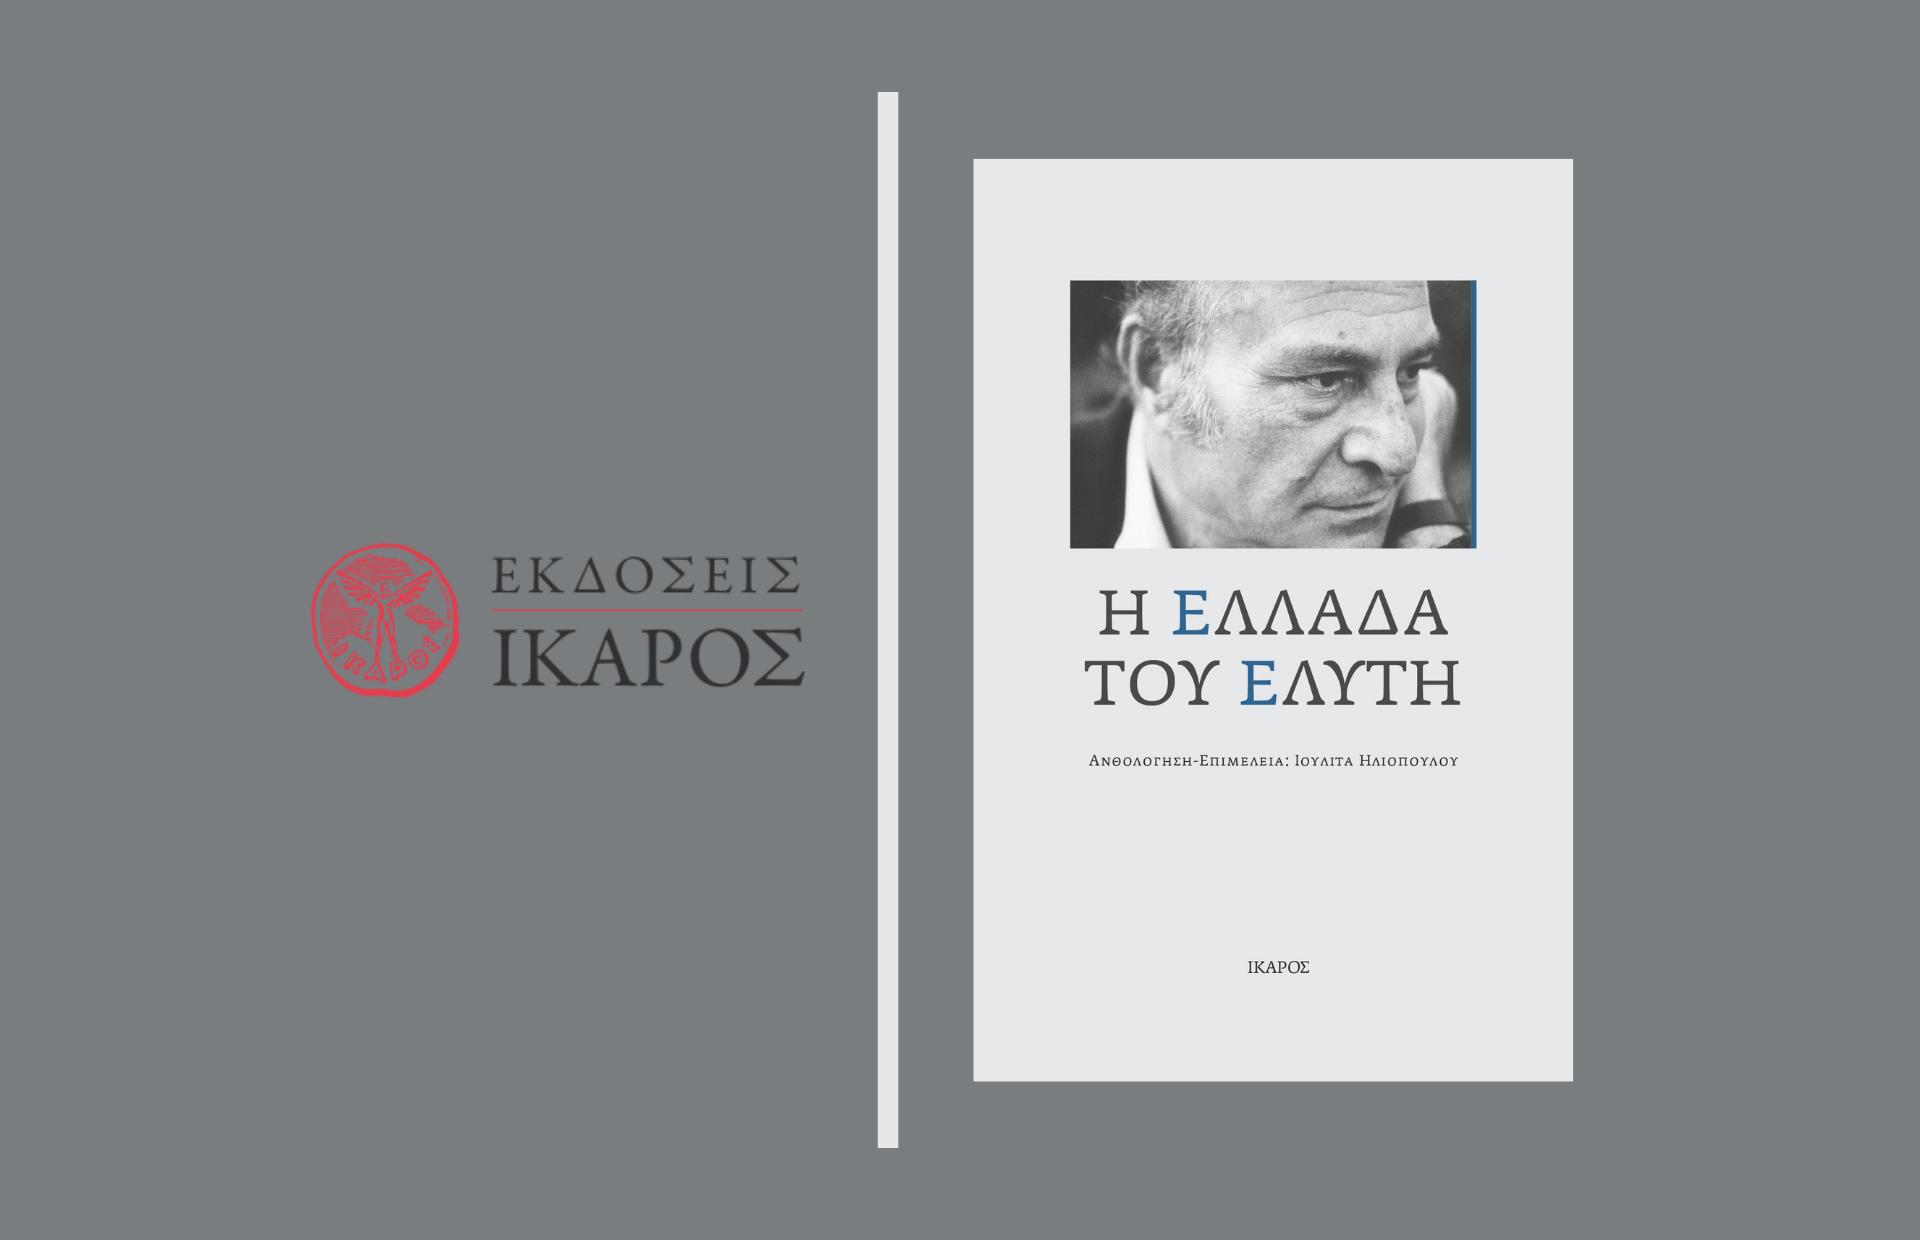 «Η Ελλάδα του Ελύτη» | Εκδόσεις Ίκαρος